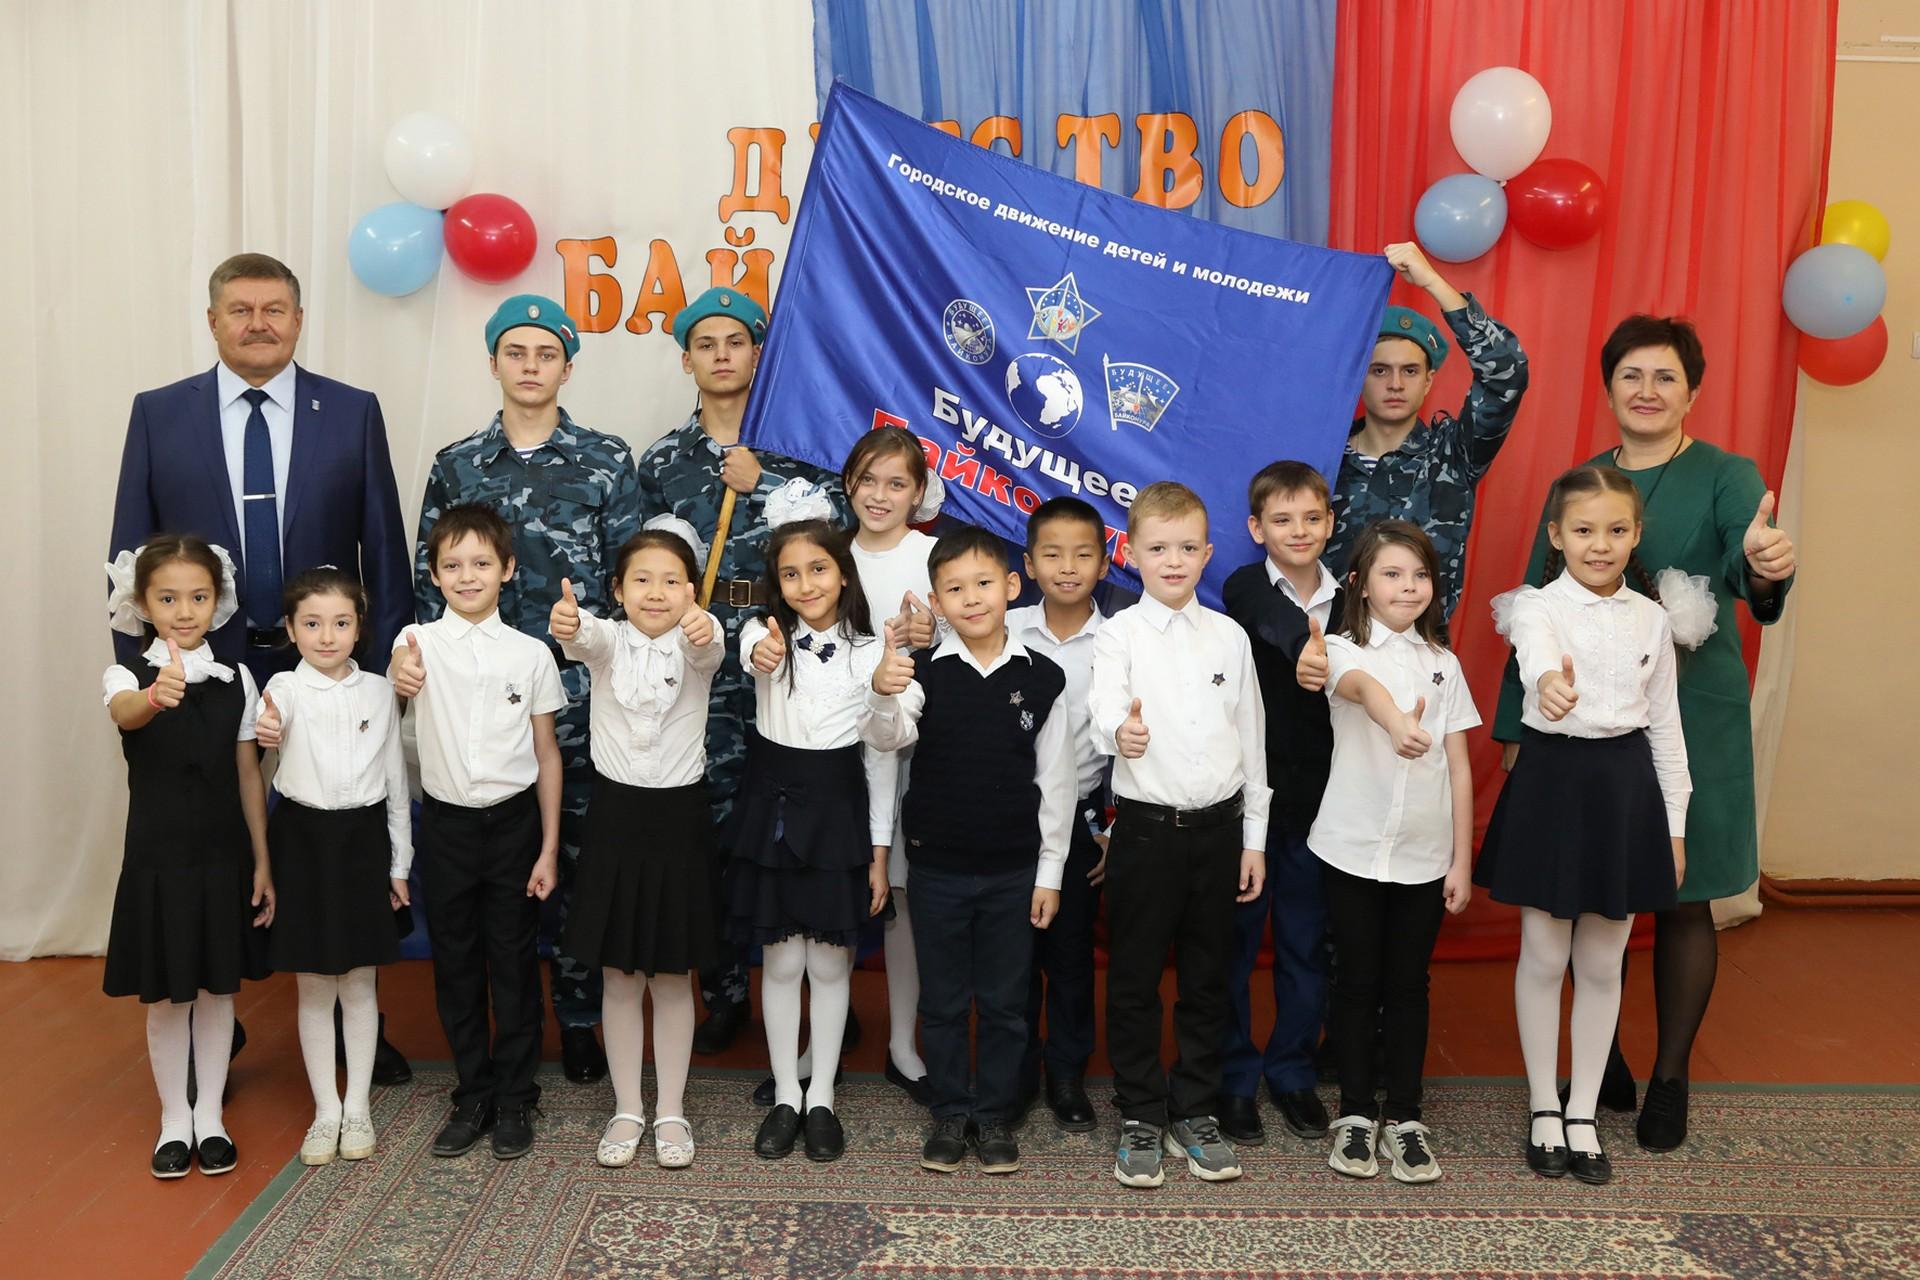 В 15-ой школе и Международной космической школе прошли торжественные церемонии приёма в ряды городского движения детей и молодежи «Будущее Байконура»